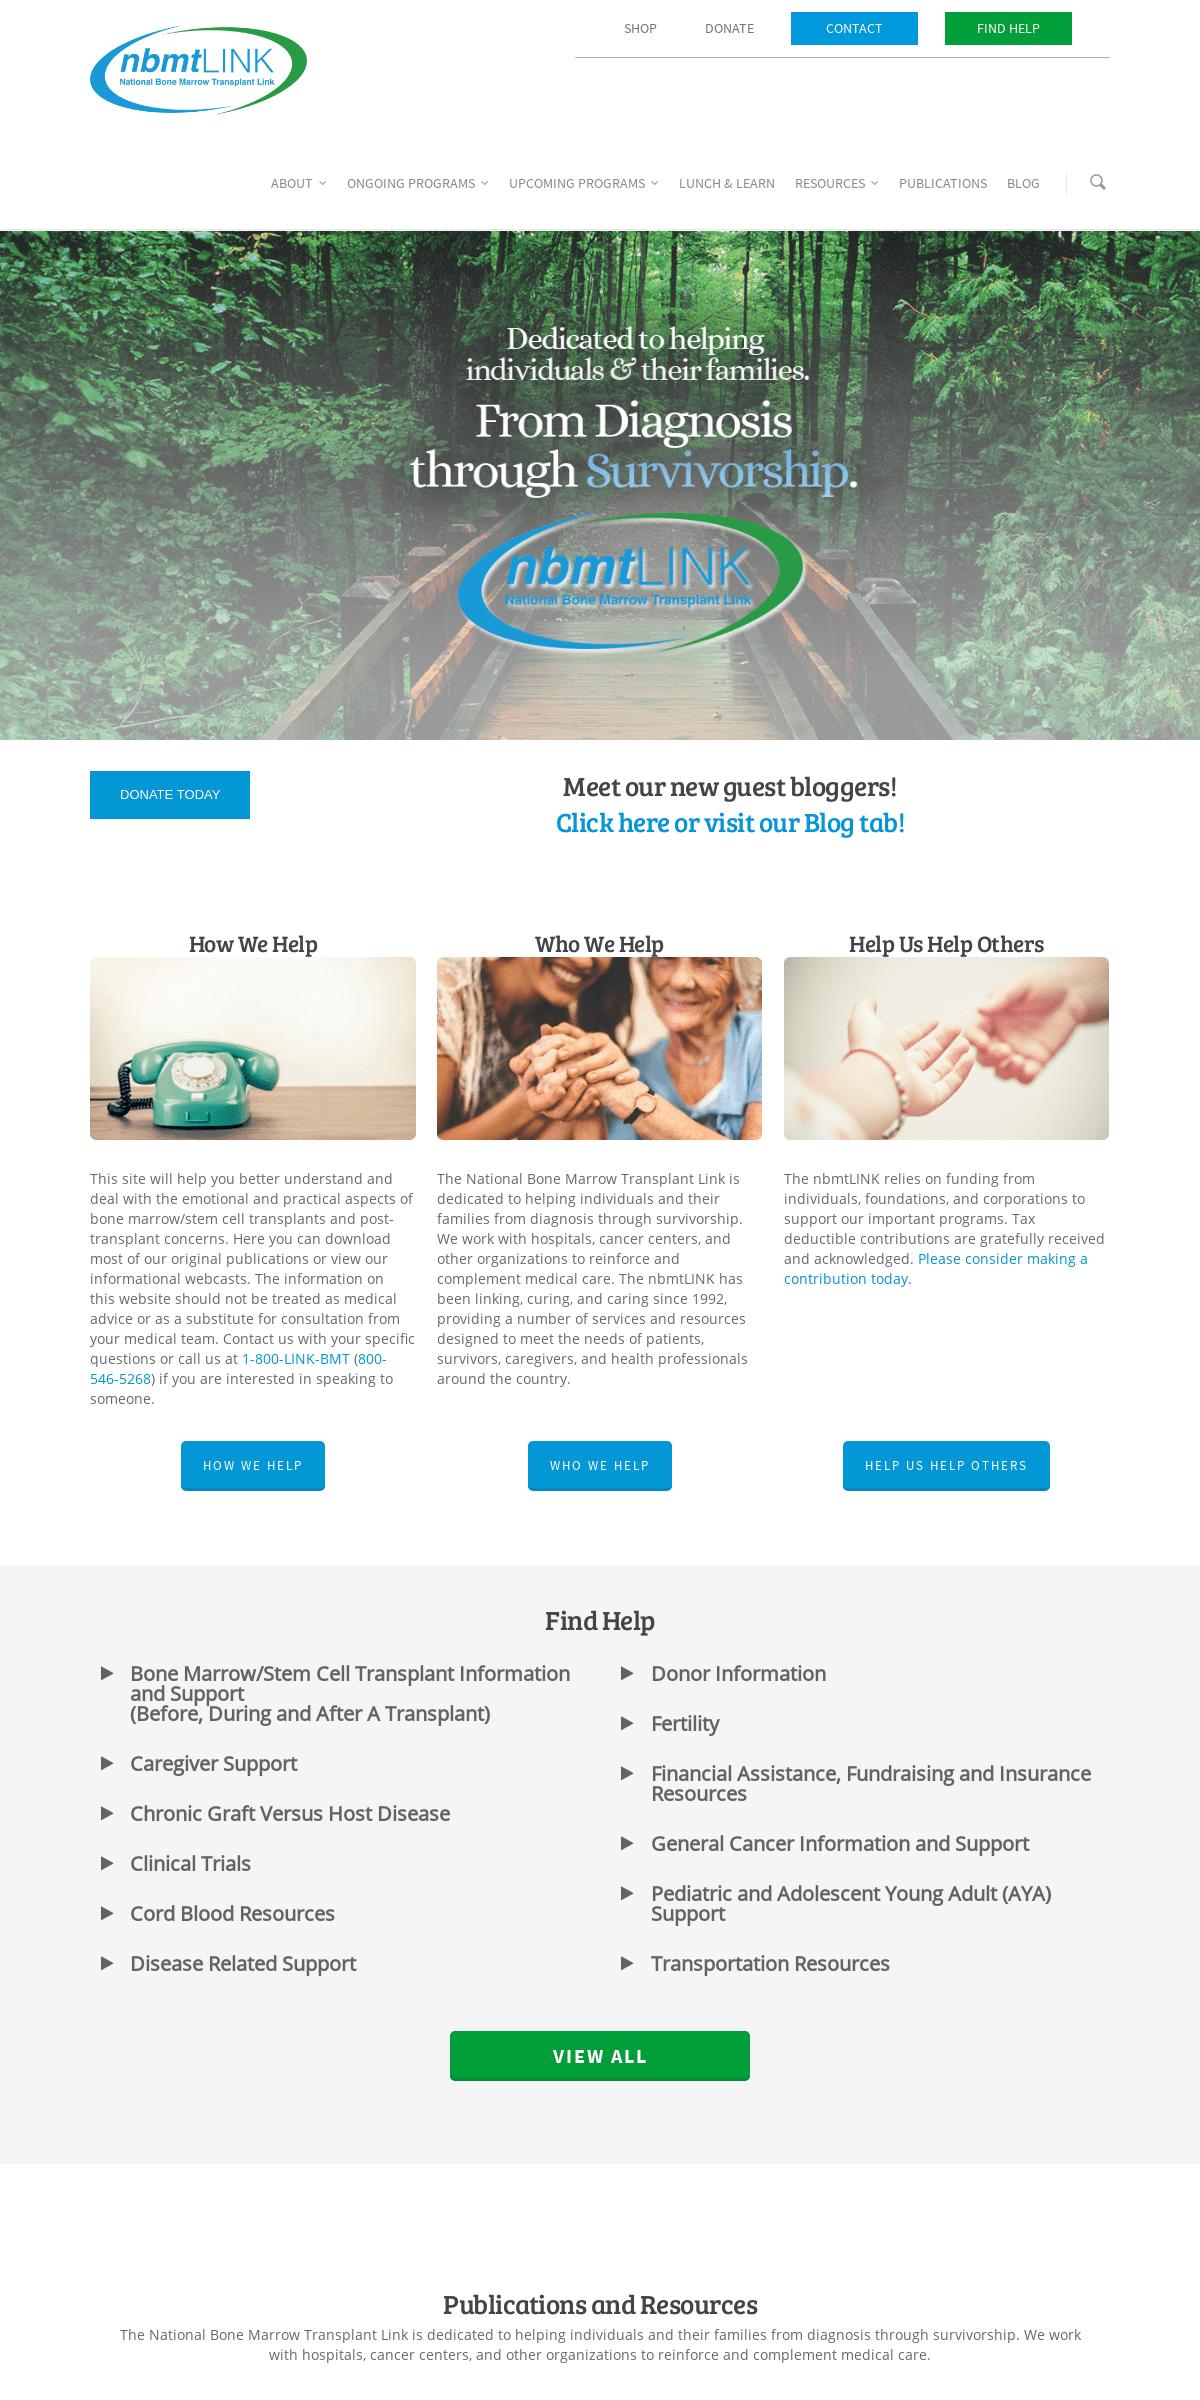 A complete backup of nbmtlink.org